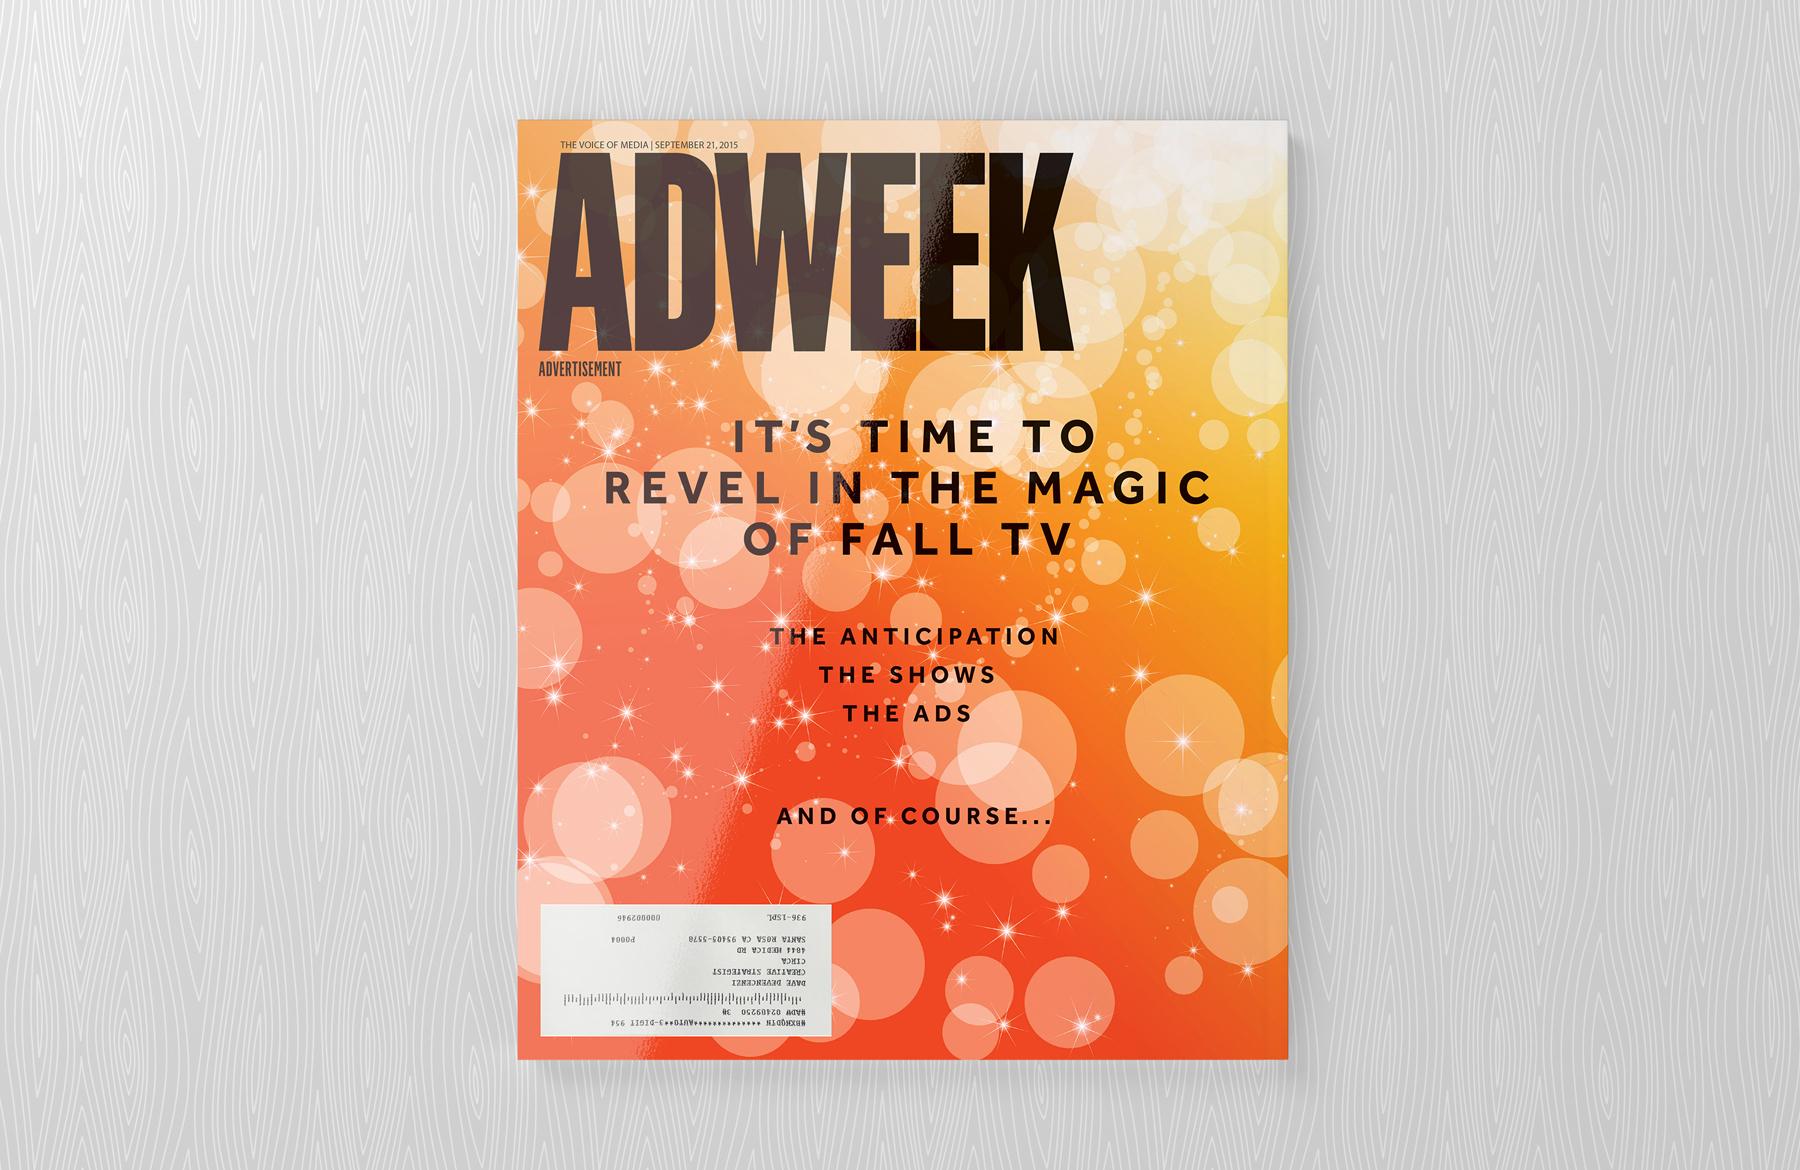 yume adweek cover